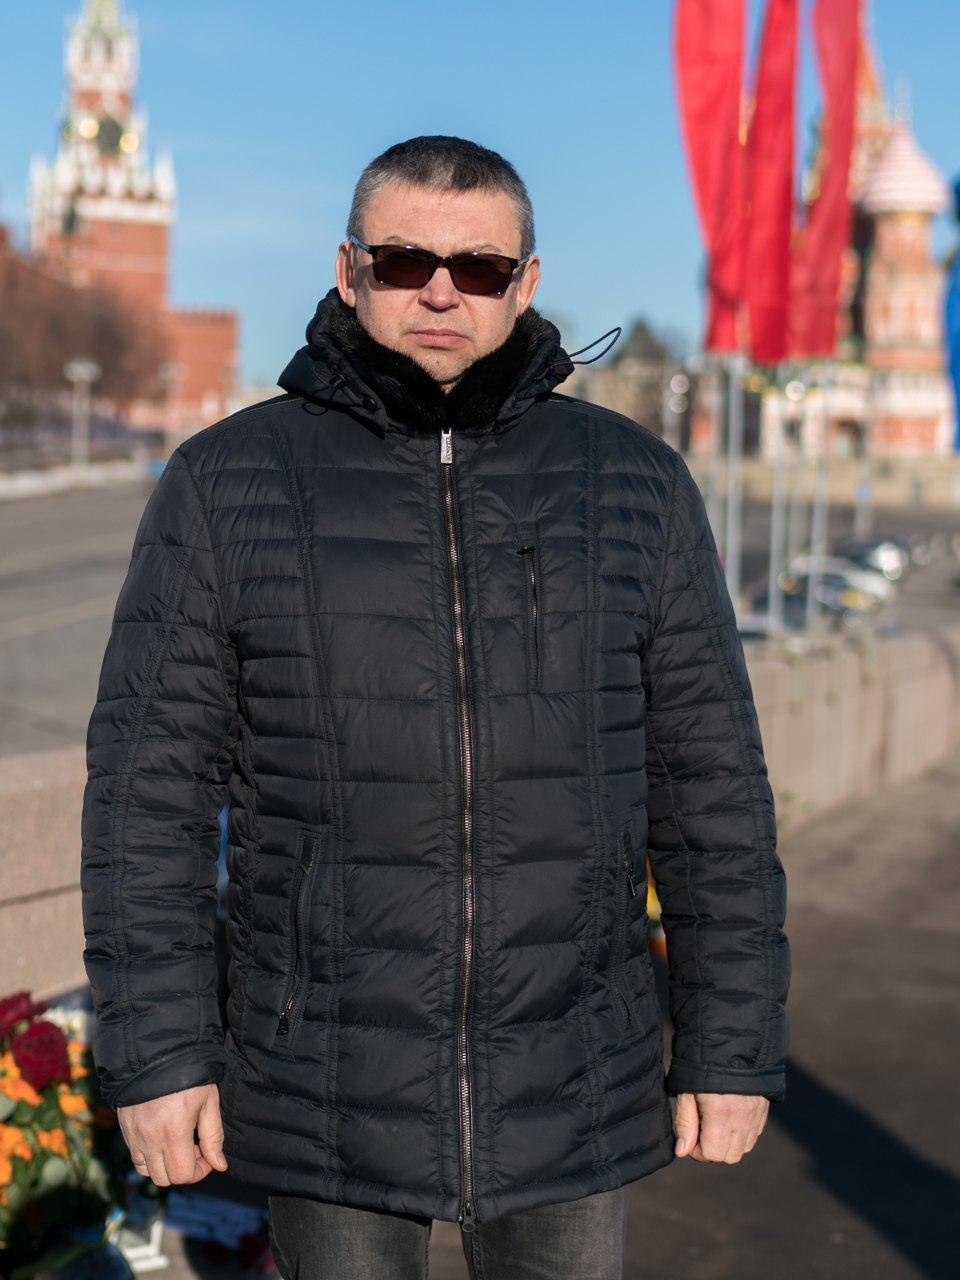 Защитники «Немцова моста» — освоих дежурствах, политике ичувстве долга. Изображение № 3.